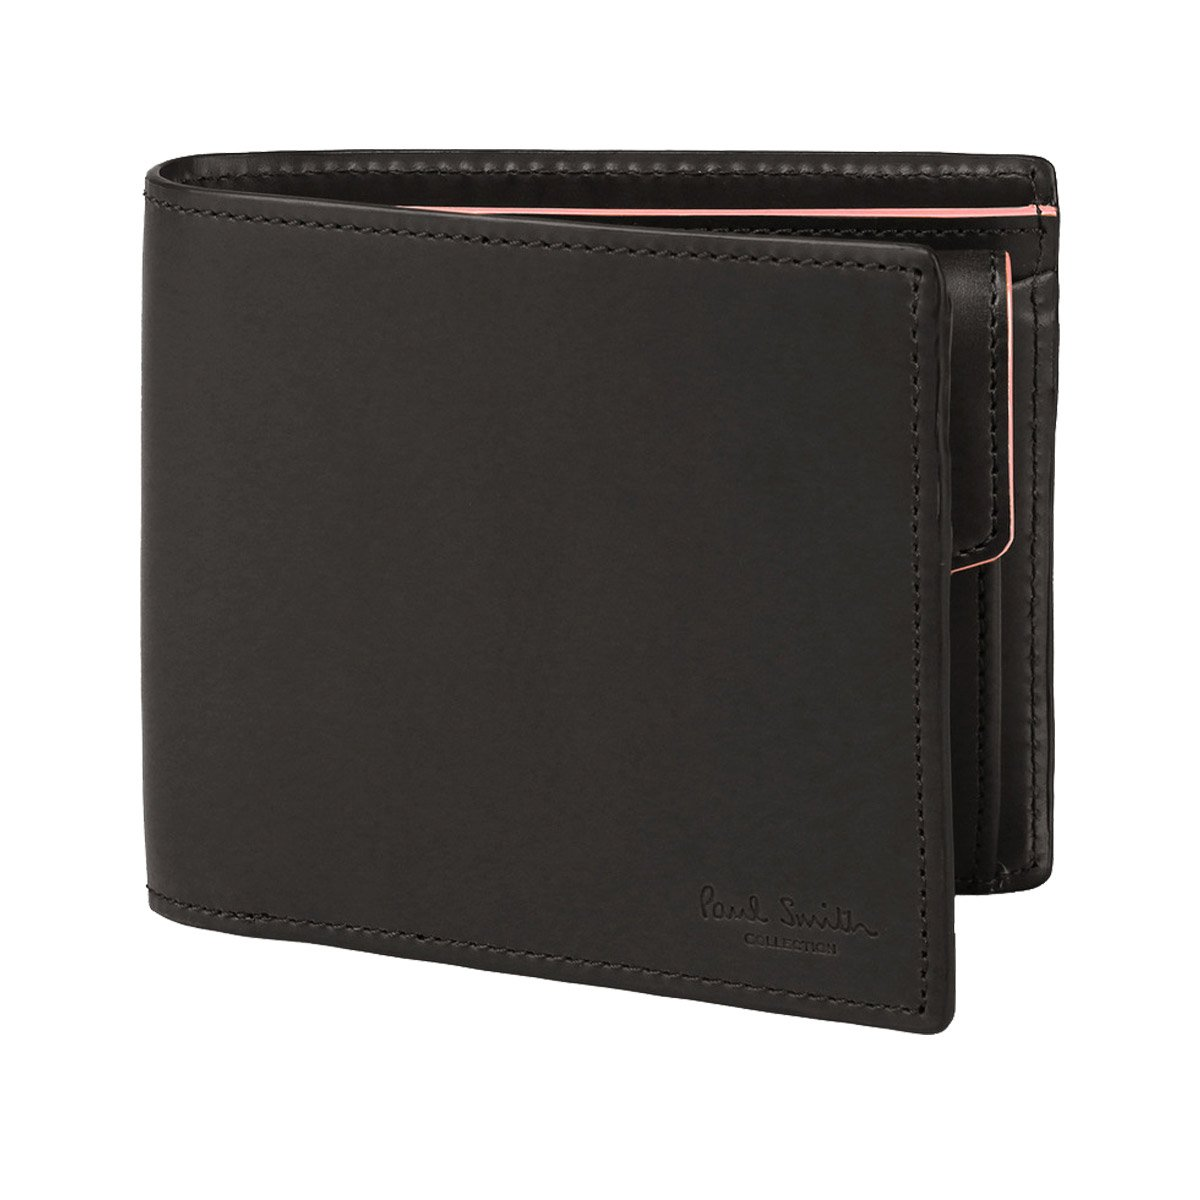 [名入れ可] Paul Smith ポールスミス レザー ウォレット PCボックスカーフ 二つ折り財布 本革 B0719C873W 名入れなし ブラック ブラック 名入れなし